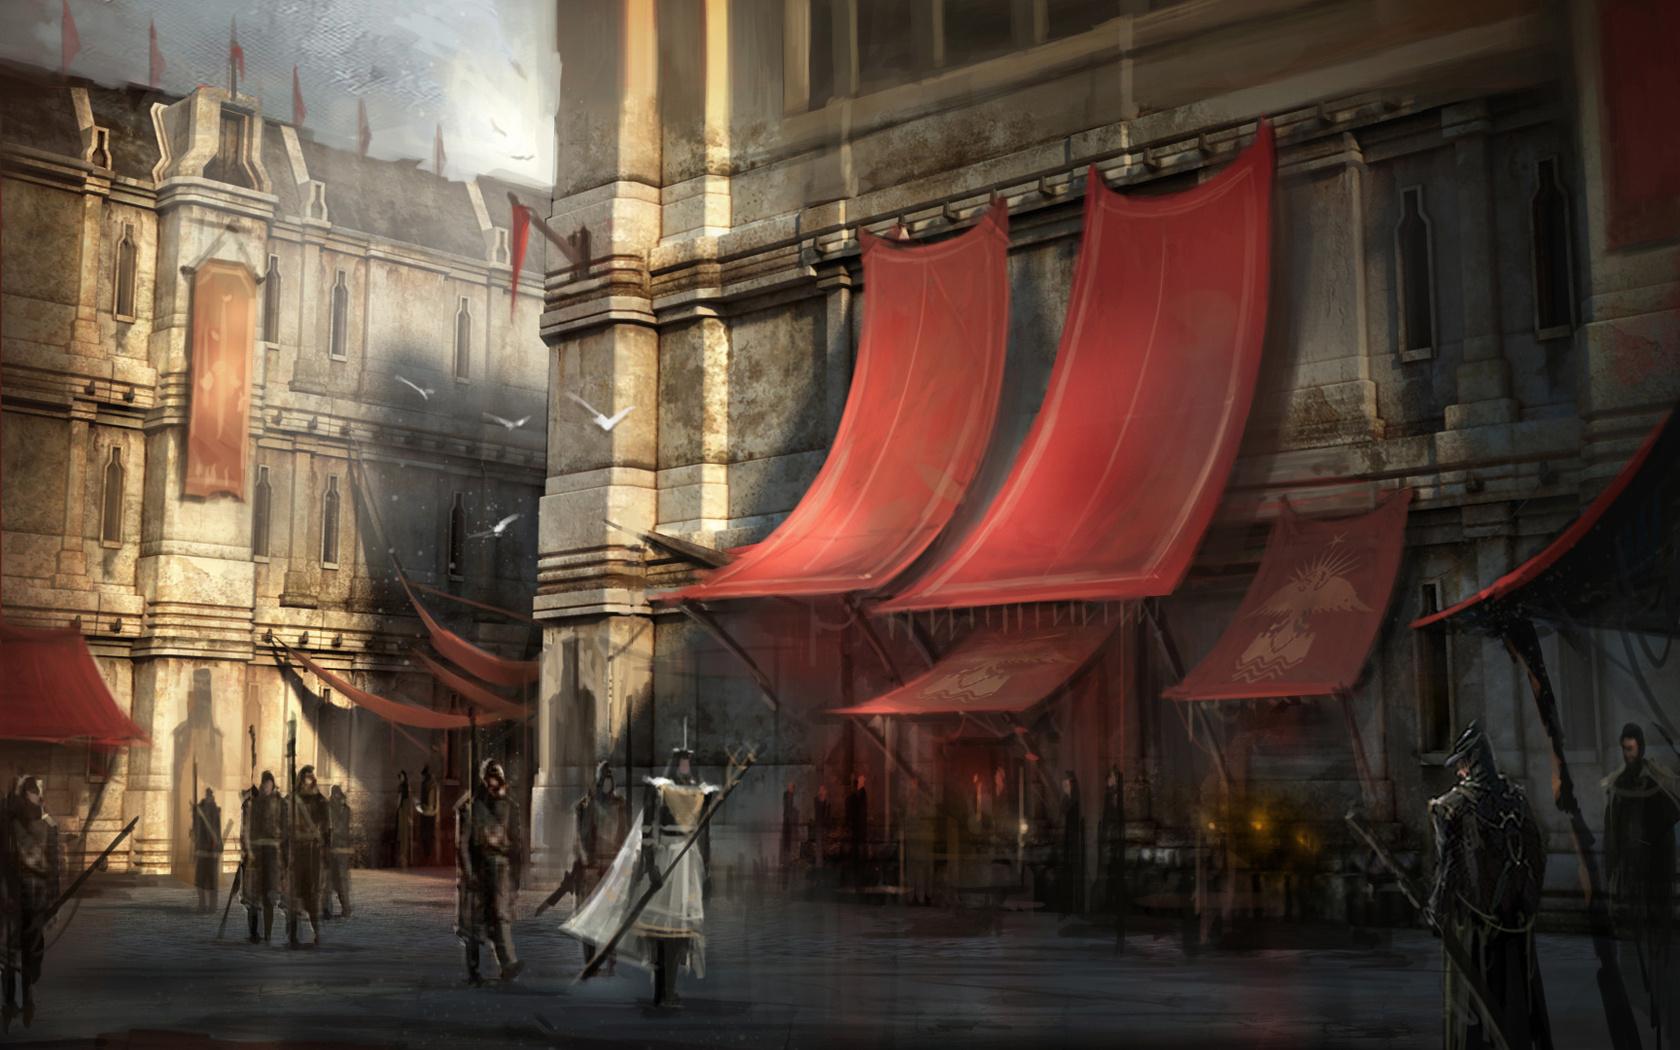 http://www.gamer.ru/system/attached_images/images/000/429/113/original/rewalls-com-18728.jpg